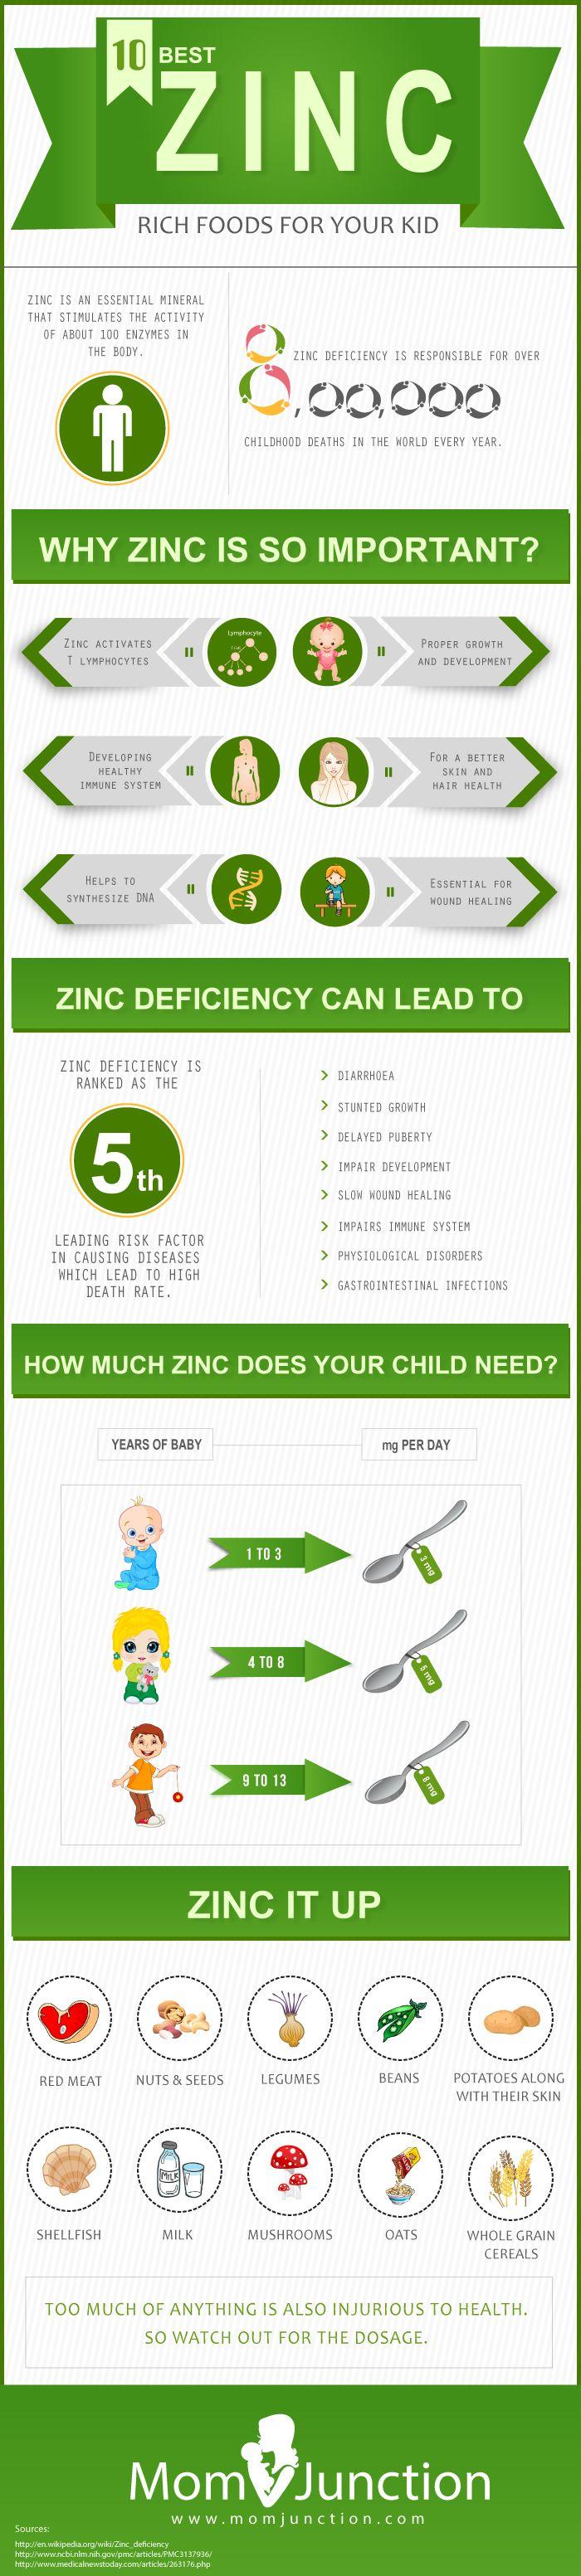 8 Best Zinc Rich Foods For Kids | Nutrition | Zinc ...